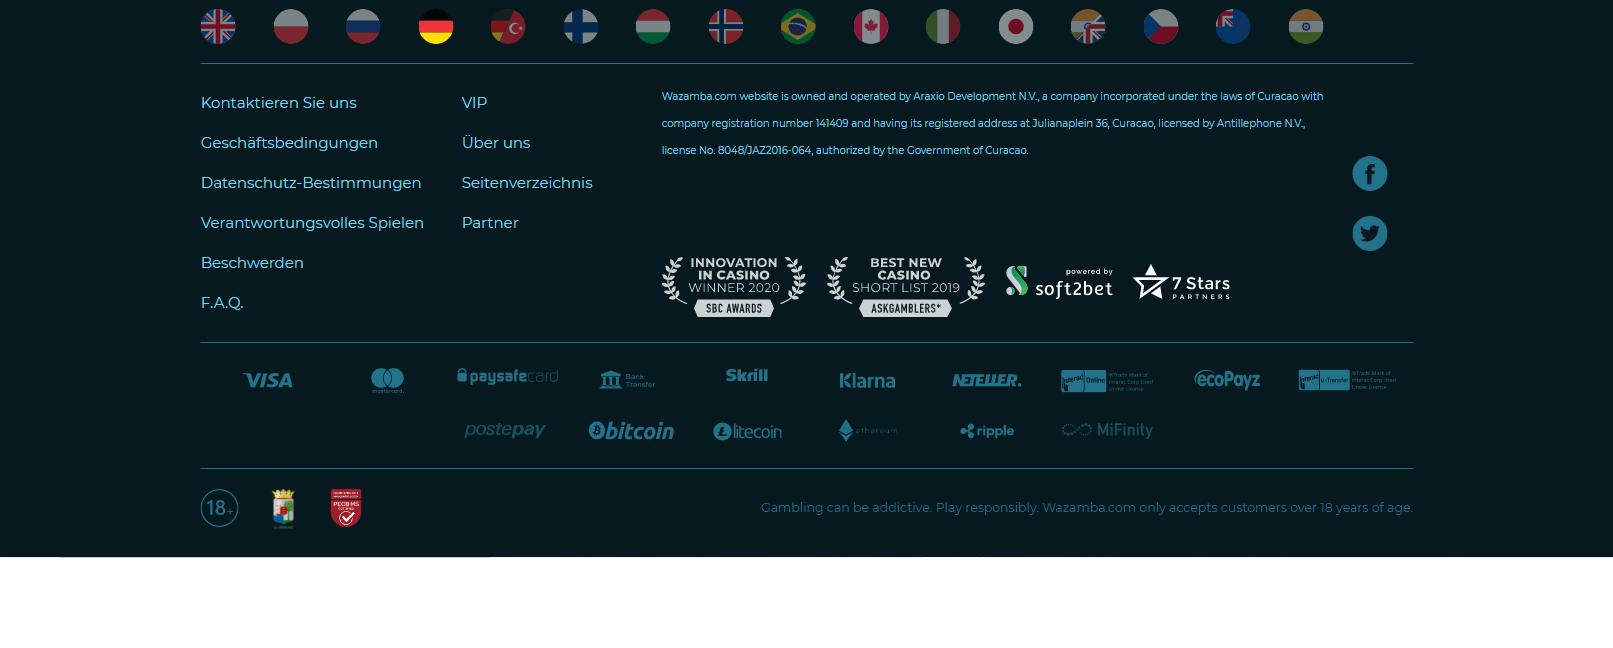 wazamba-online-spielothek-test-erfahrung-besten-2021-top-casinos-spielhalle